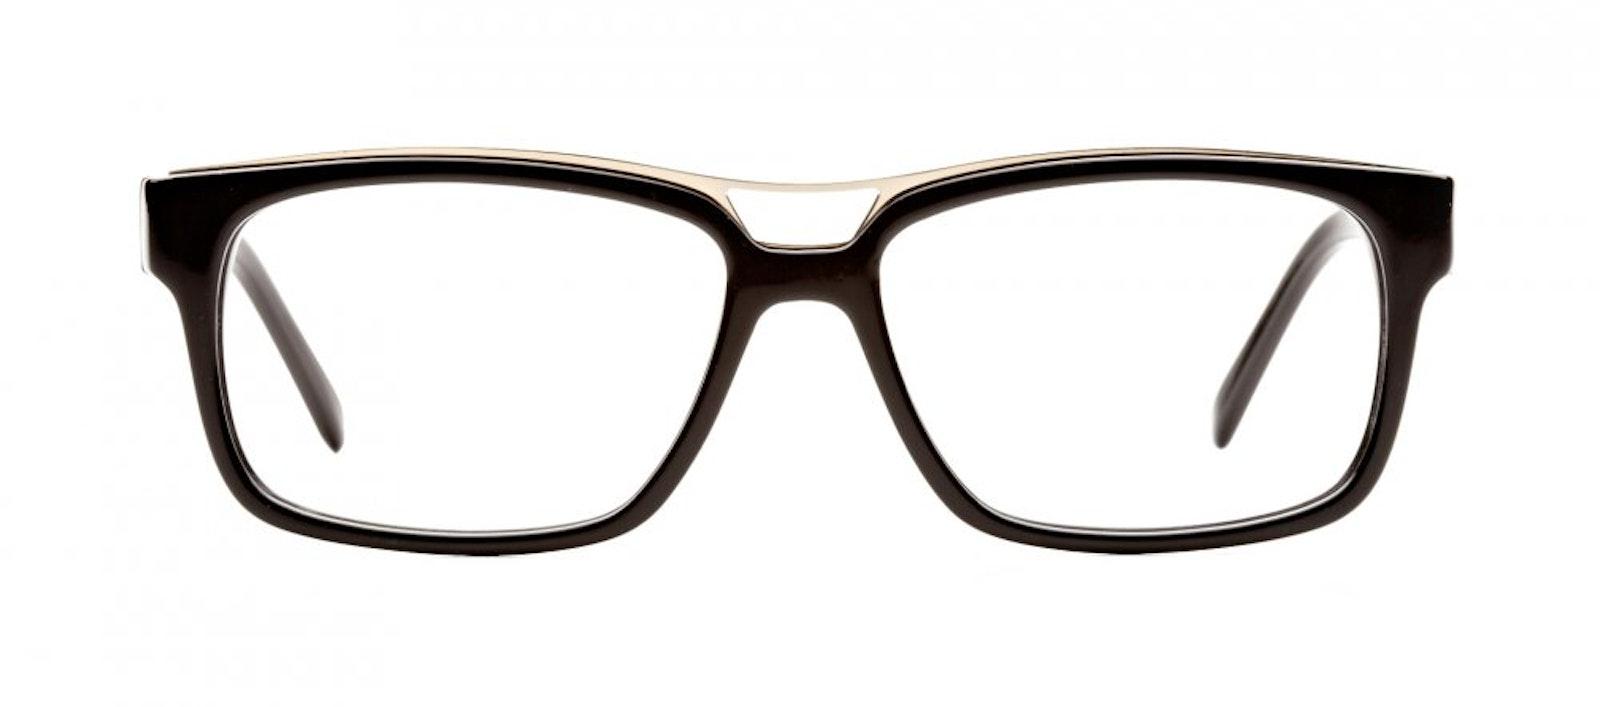 c53b01f723d ... Affordable Fashion Glasses Rectangle Eyeglasses Men Hotshot Black Front  ...